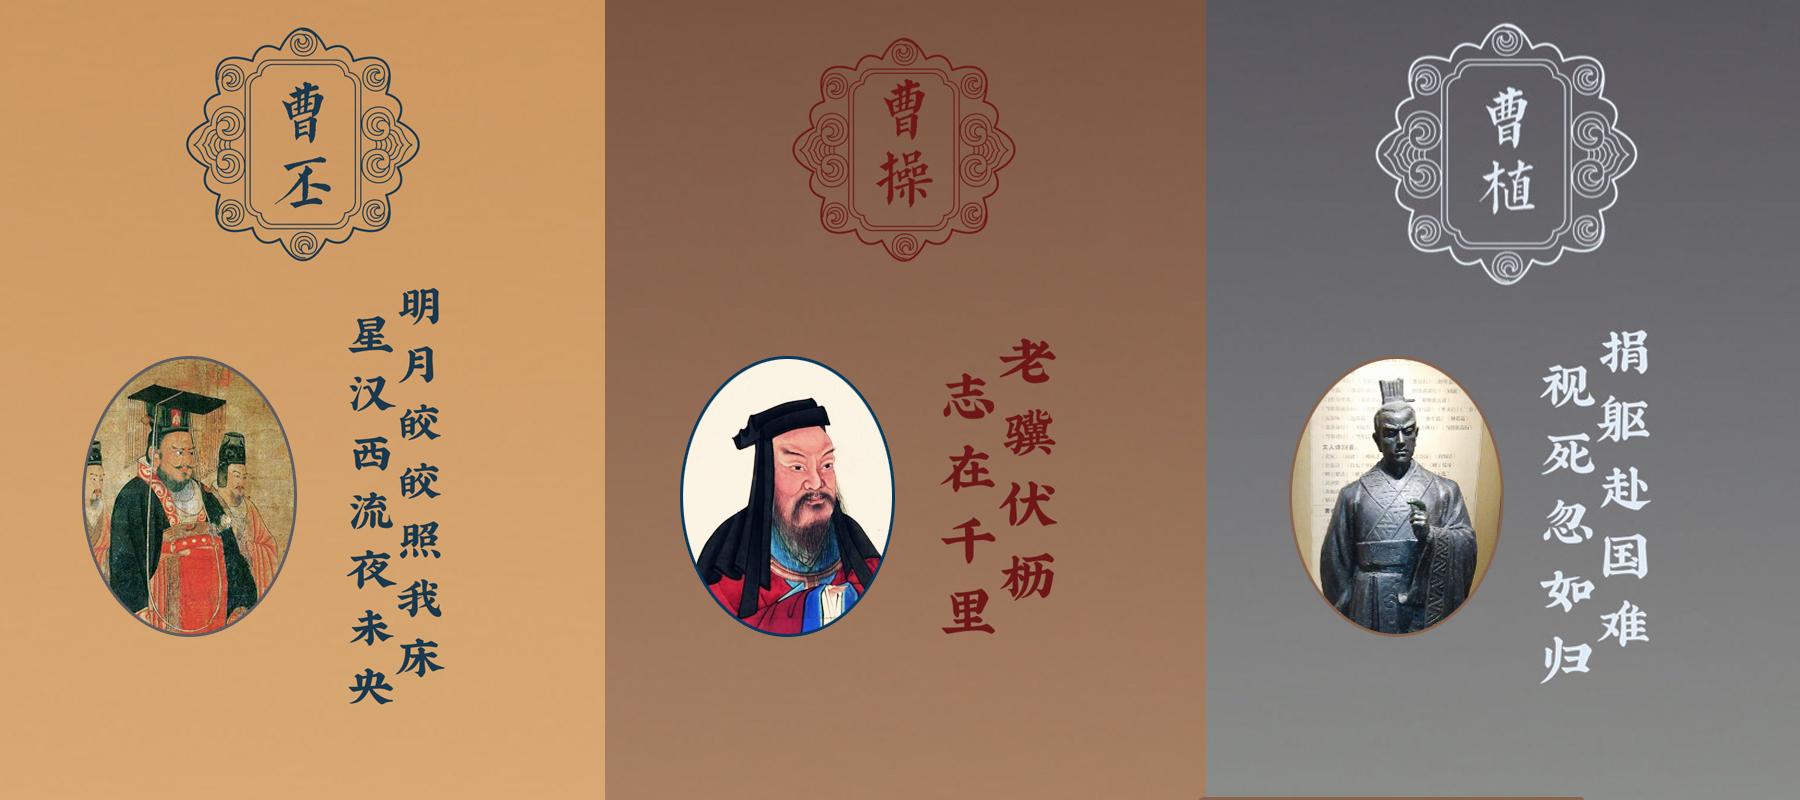 一门三父子文学家――曹操、曹丕、曹植